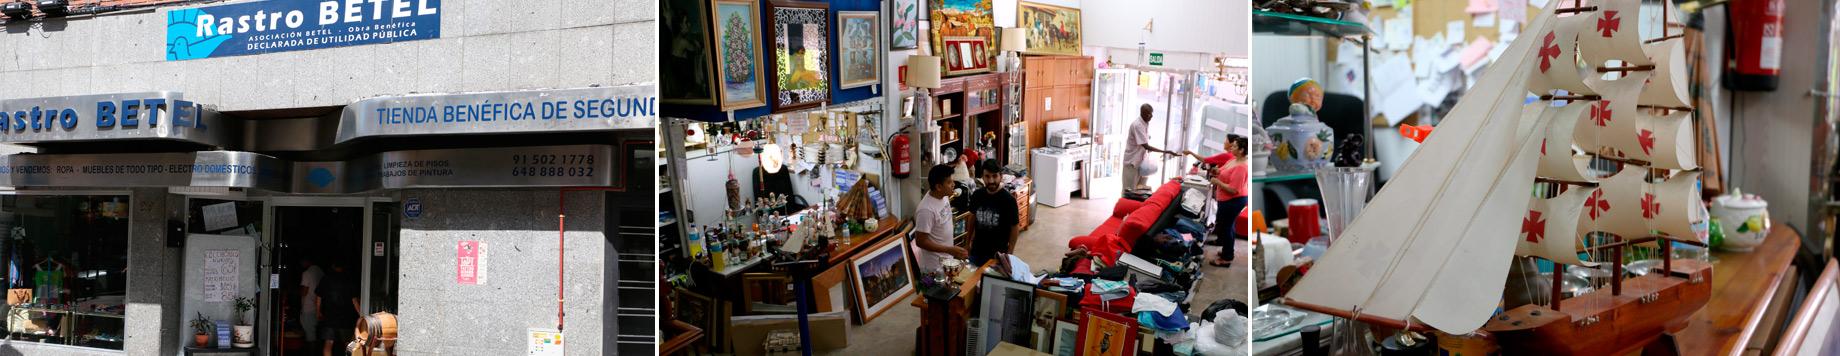 Rastro slid7 recogida de muebles enseres y ropa rastro for Muebles betel